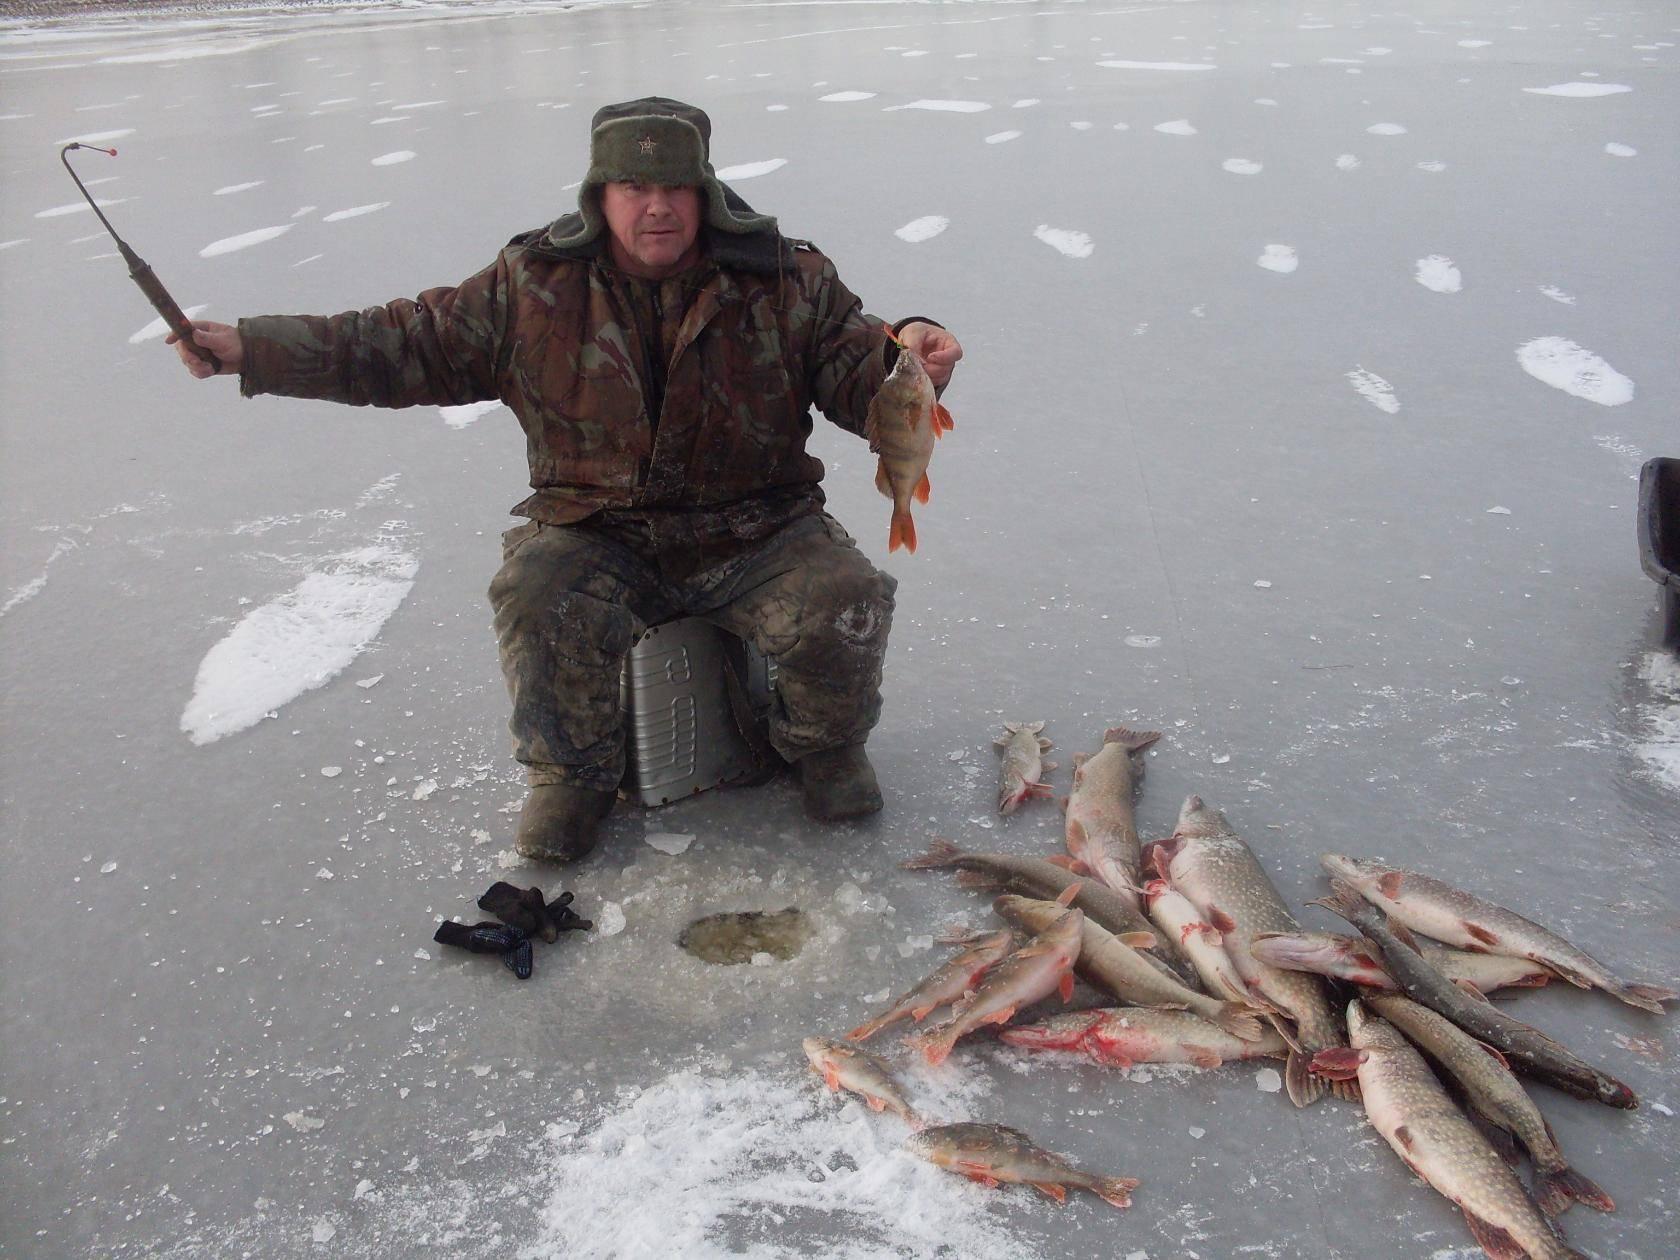 Рыбалке в екатиренбурге и окрестностях: куда можно съездить порыбачить, ловля на калиновке, чусовском озере